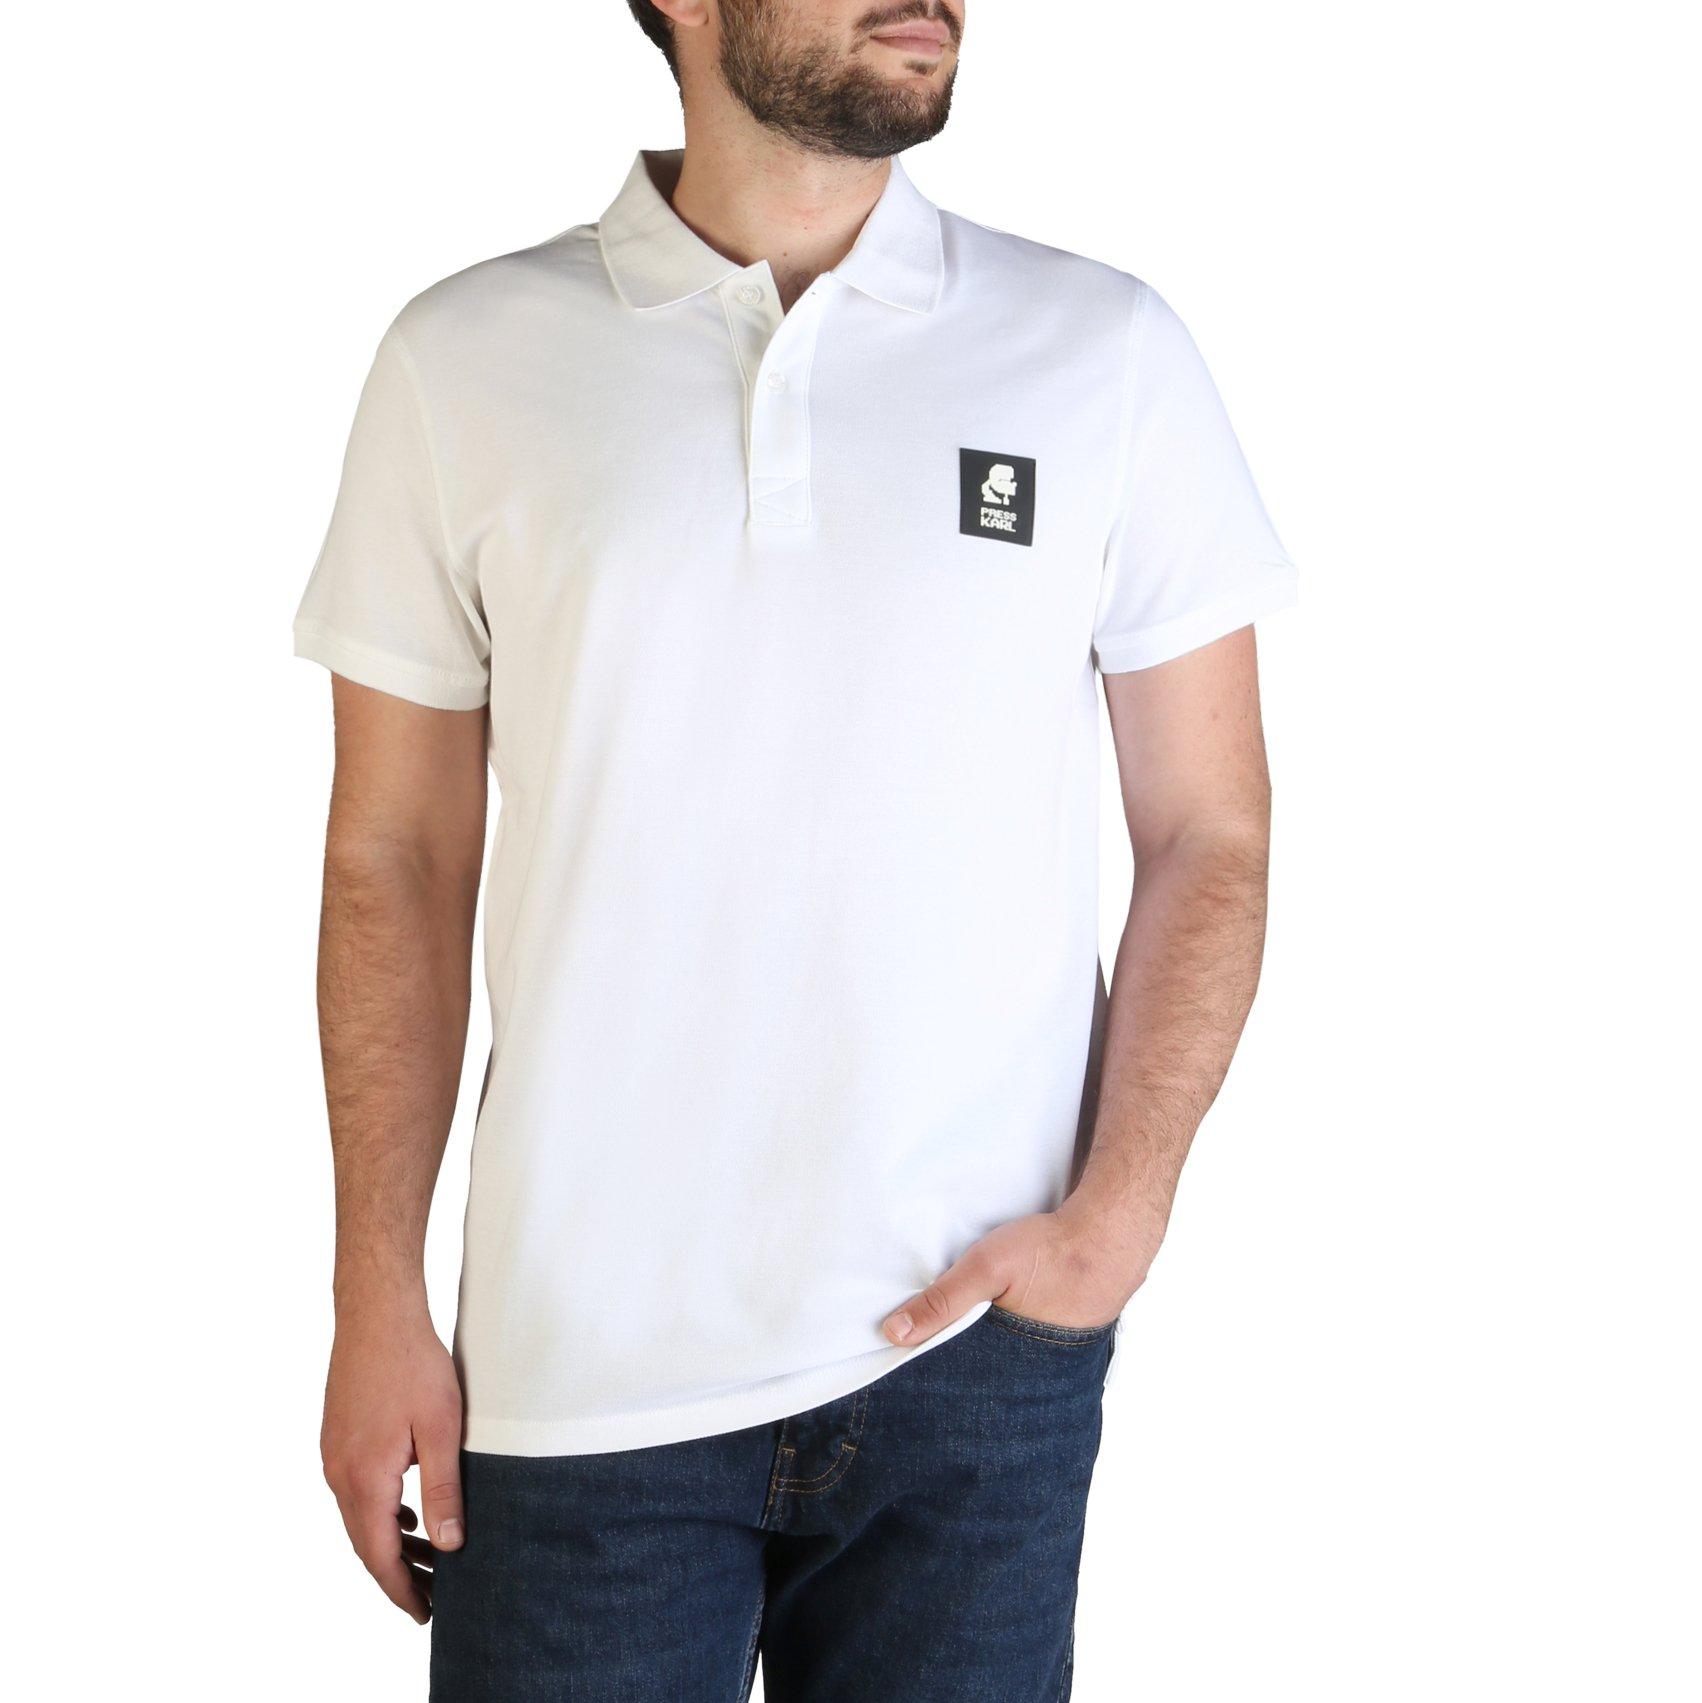 Karl Lagerfeld Men's Polo Shirt Various Colours KL21MPL01 - white M